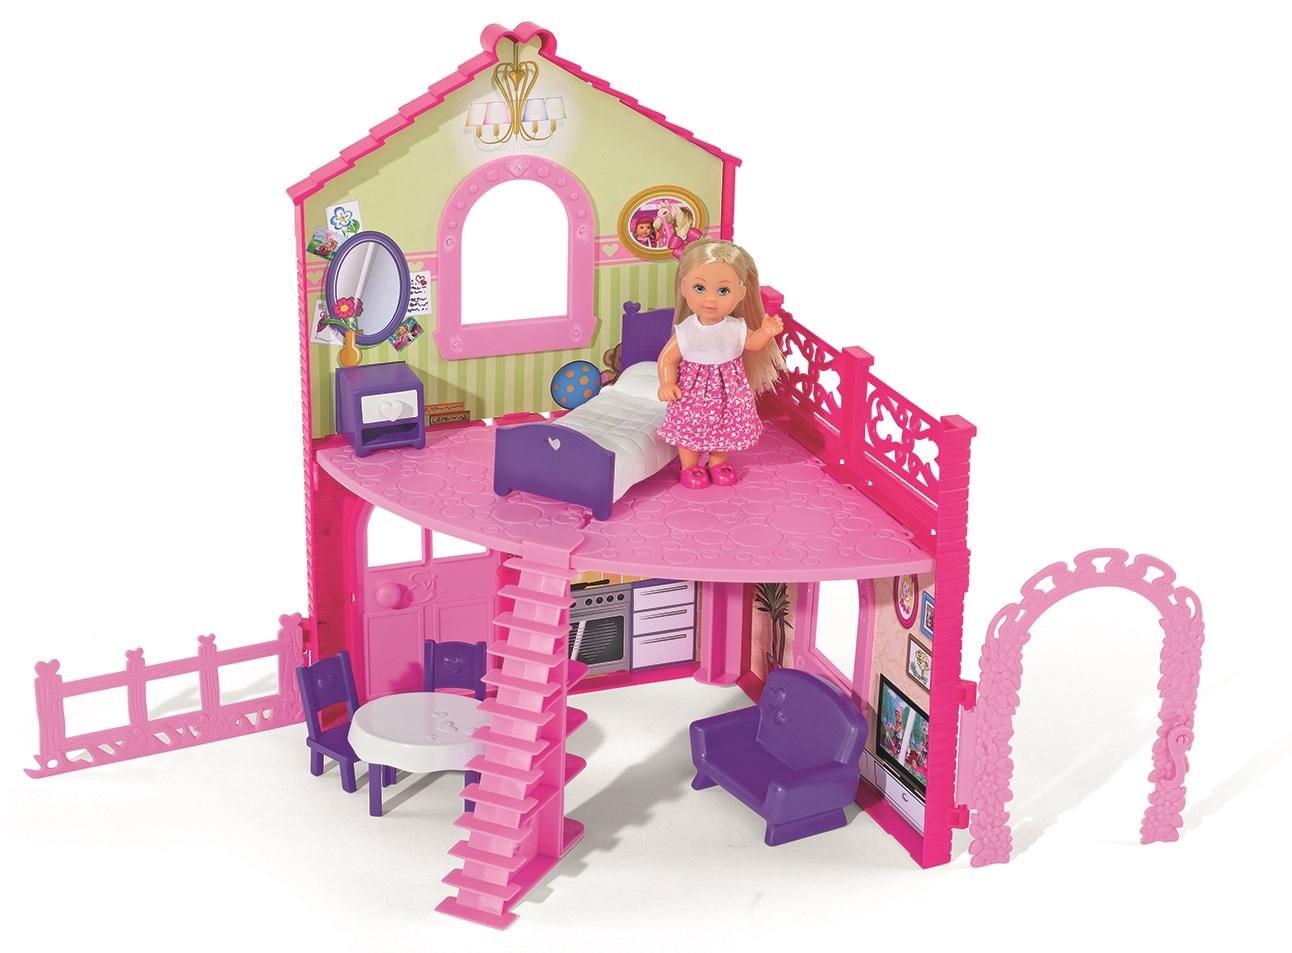 Кукла Еви в двухэтажном доме по цене 2 999